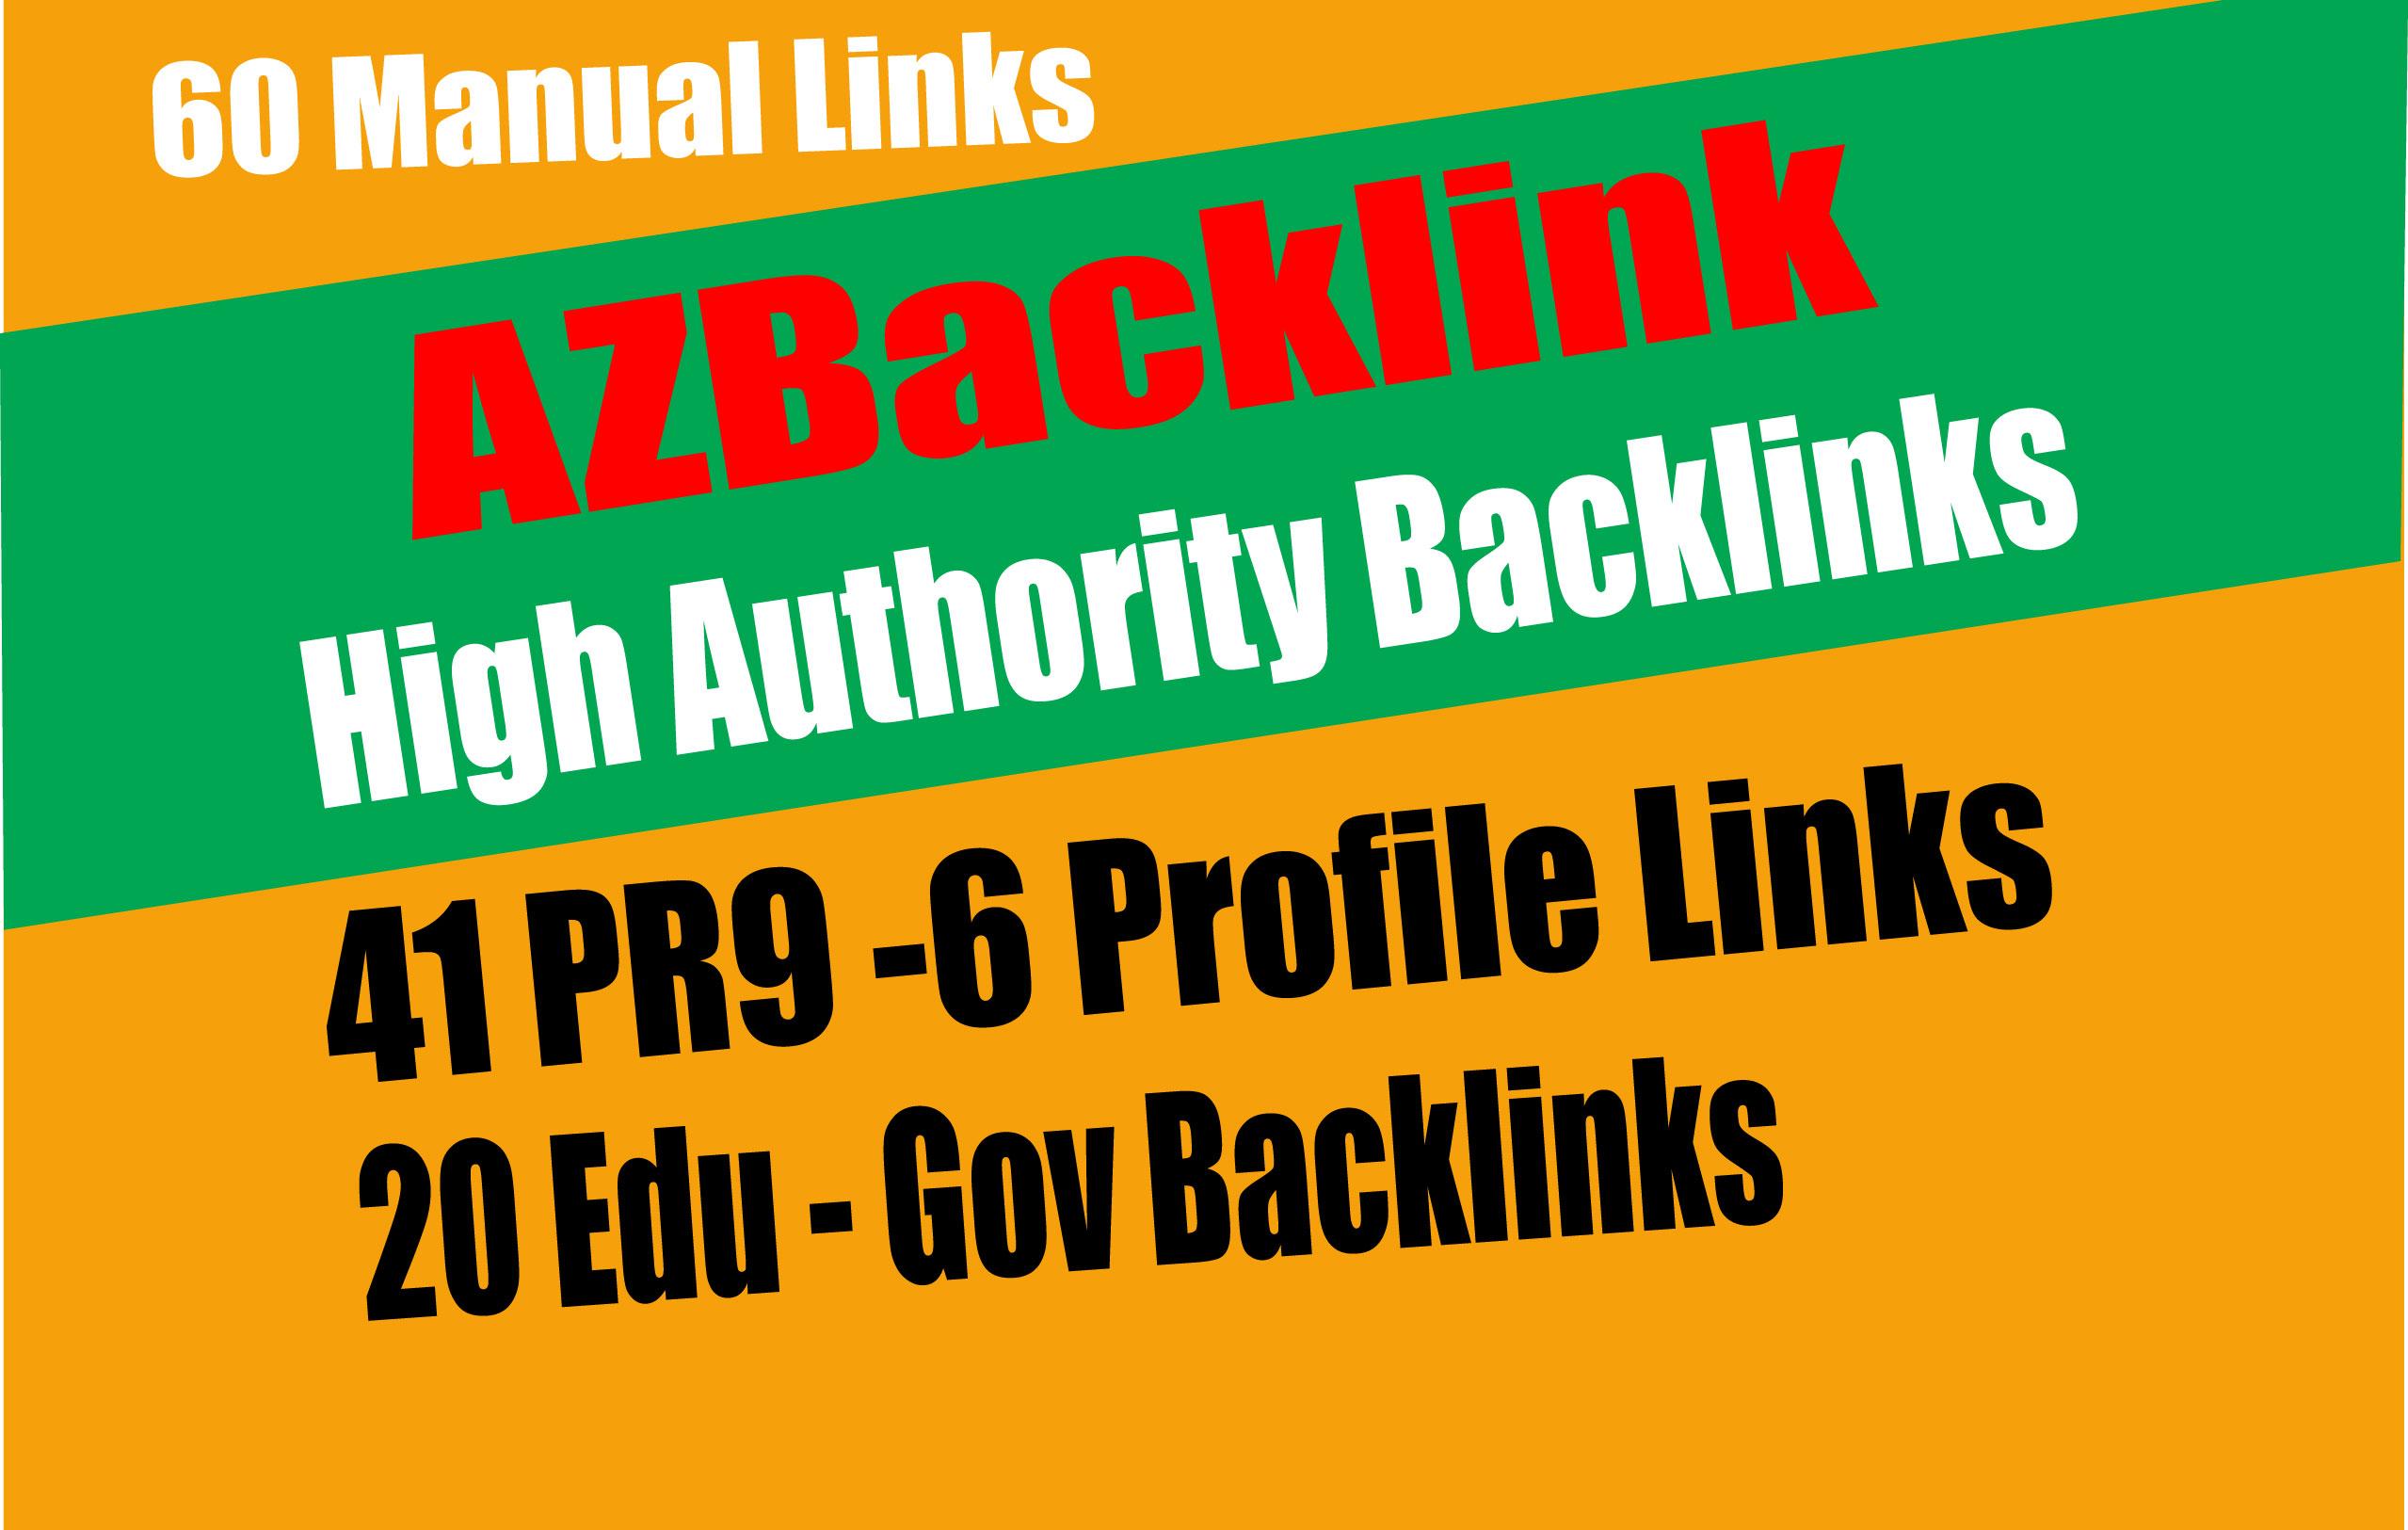 61 AZ Backlinks From 41 PR9 + 20 EDU GOV Backlinks From Authority Domain